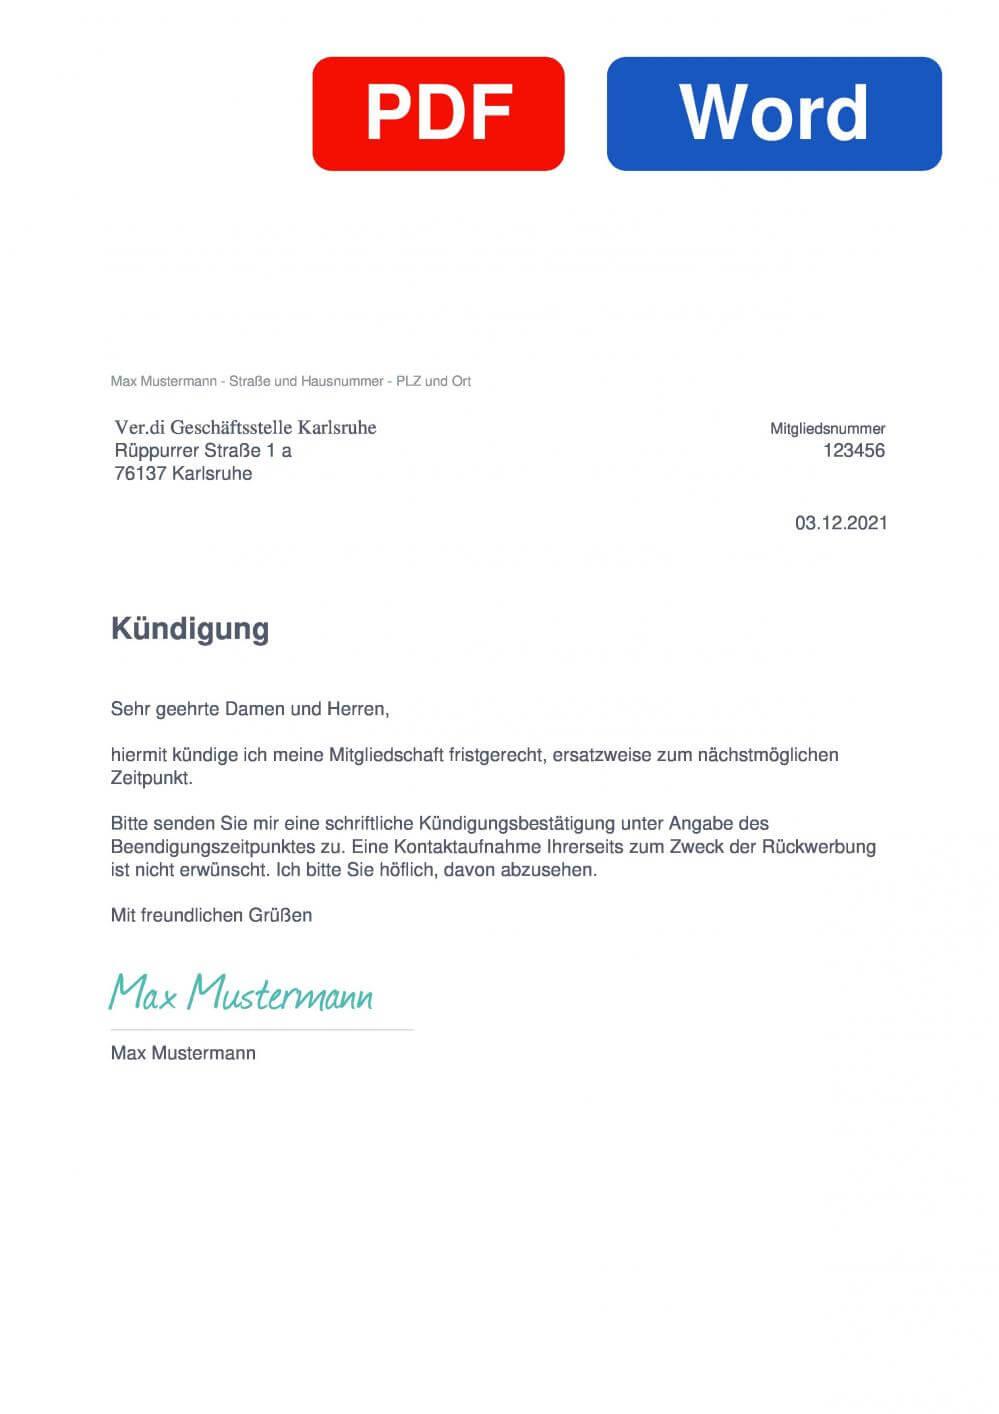 Verdi Karlsruhe Muster Vorlage für Kündigungsschreiben